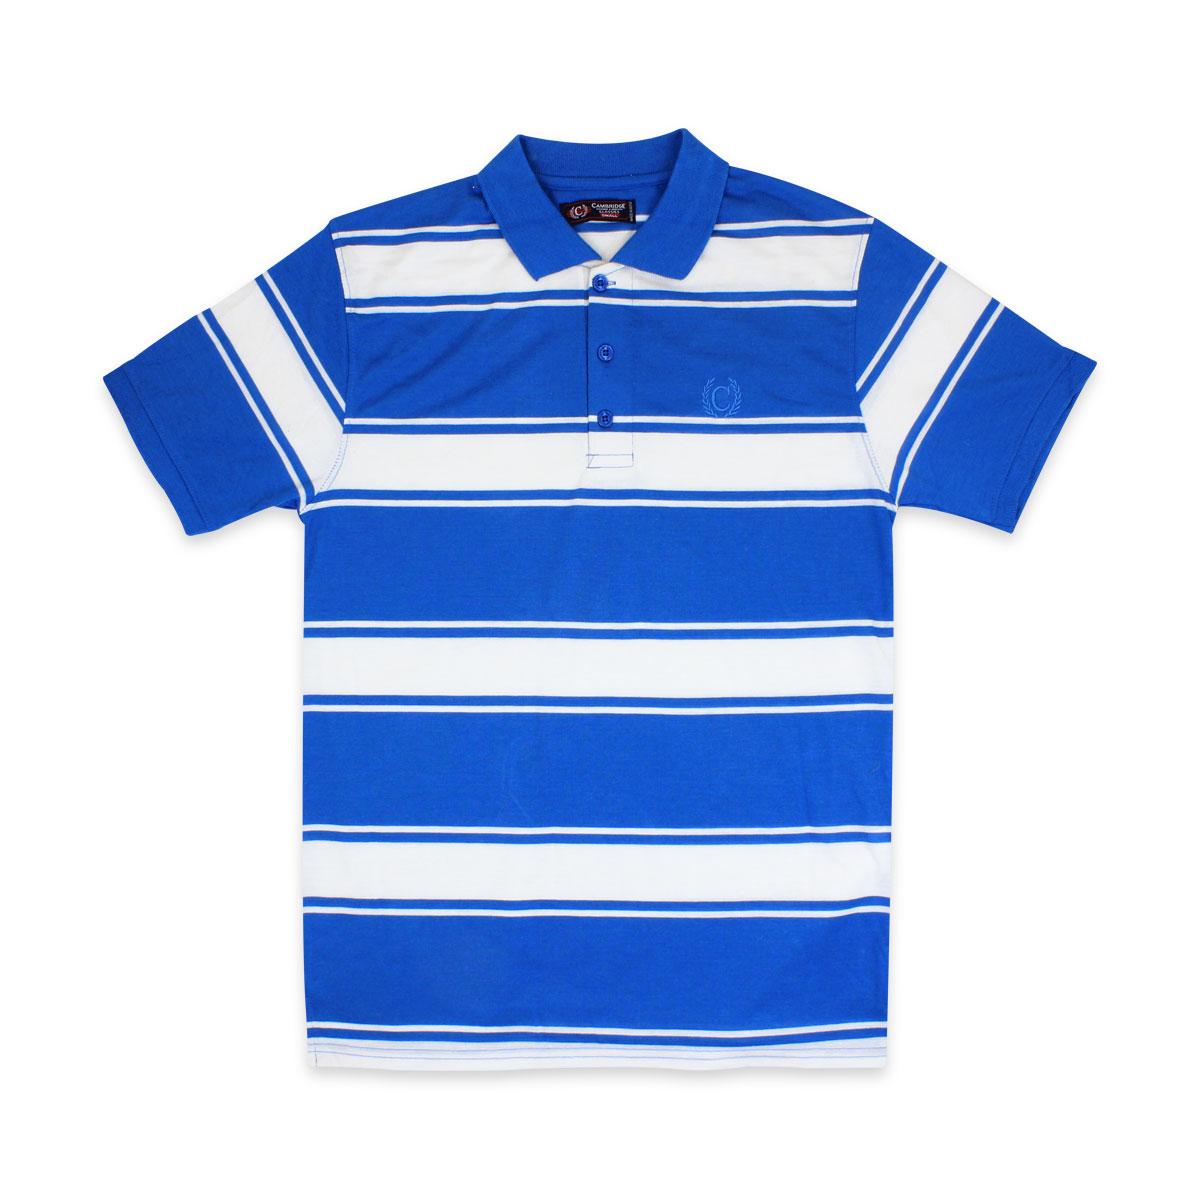 Camisas-Polo-Para-Hombre-A-Rayas-Pique-Con-Cuello-camiseta-Camiseta-Manga-Corta-De-Verano-S-M-L-XL miniatura 16